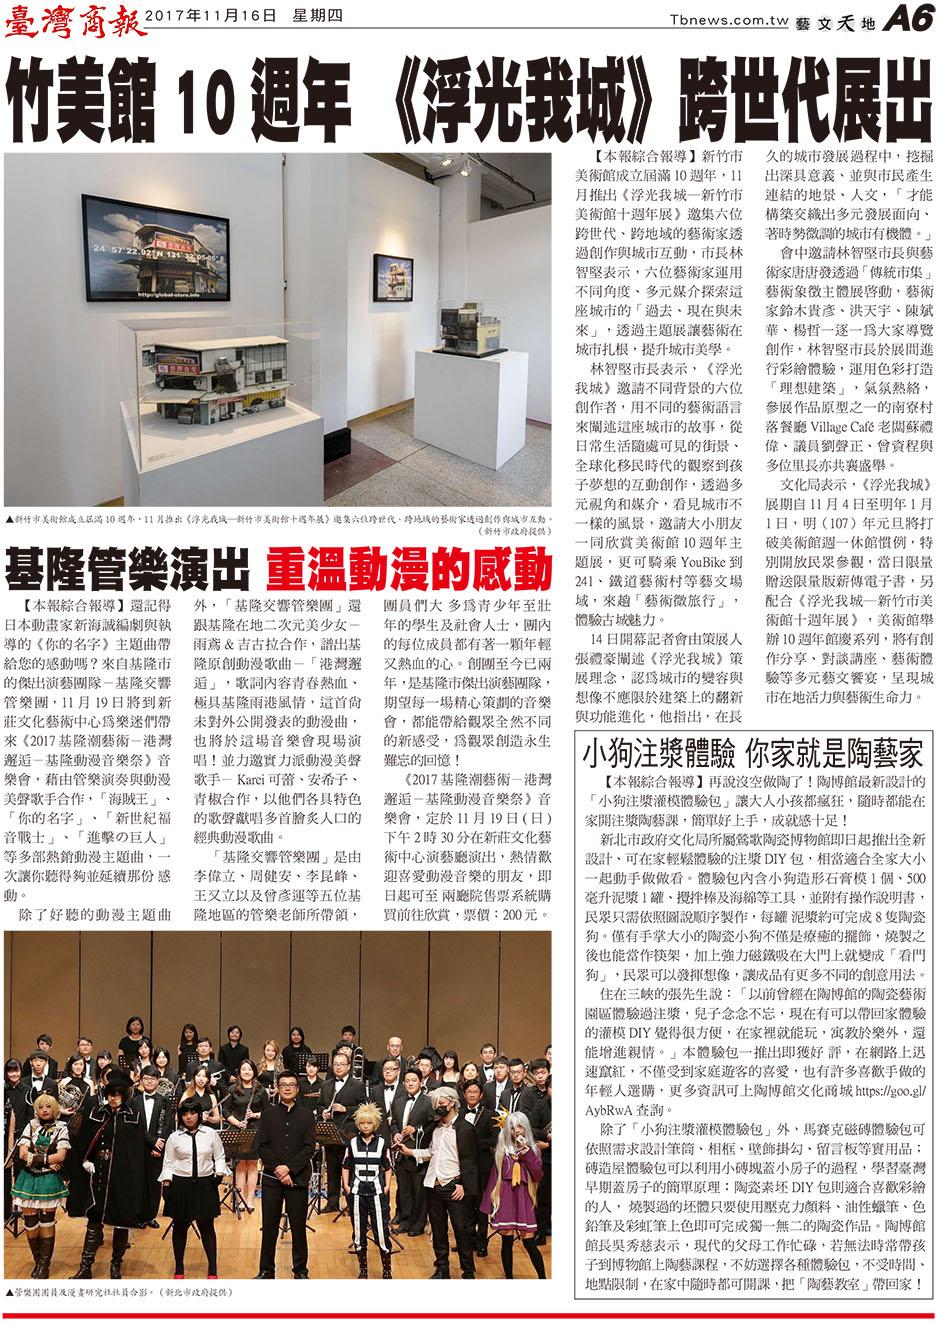 竹美館 10 週年 《浮光我城》跨世代展出